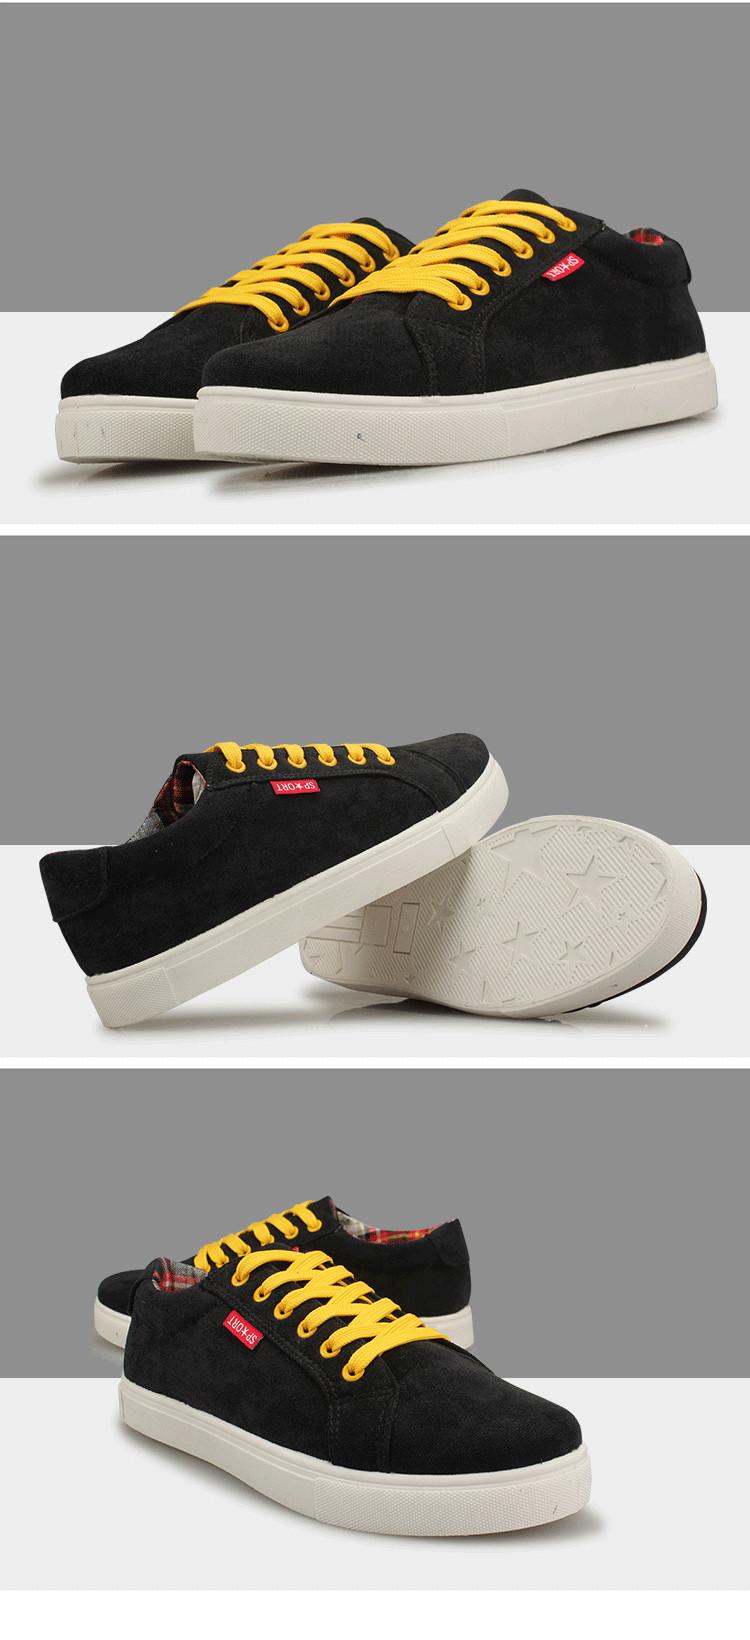 2014新款 英伦韩版学生潮流休闲鞋个性男士帆布鞋